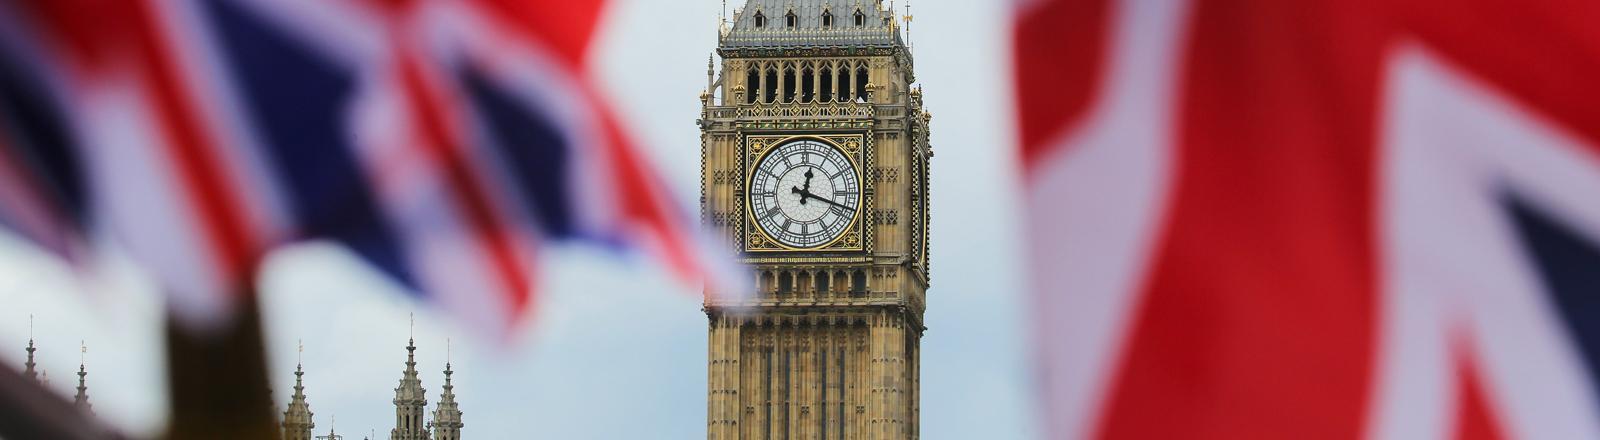 Britische Fahnen wehen am 24.06.2016 in London, Großbritannien, vor dem berühmten Uhrturm Big Ben. Die Briten haben in einem Referendum für den Austritt aus der EU gestimmt.